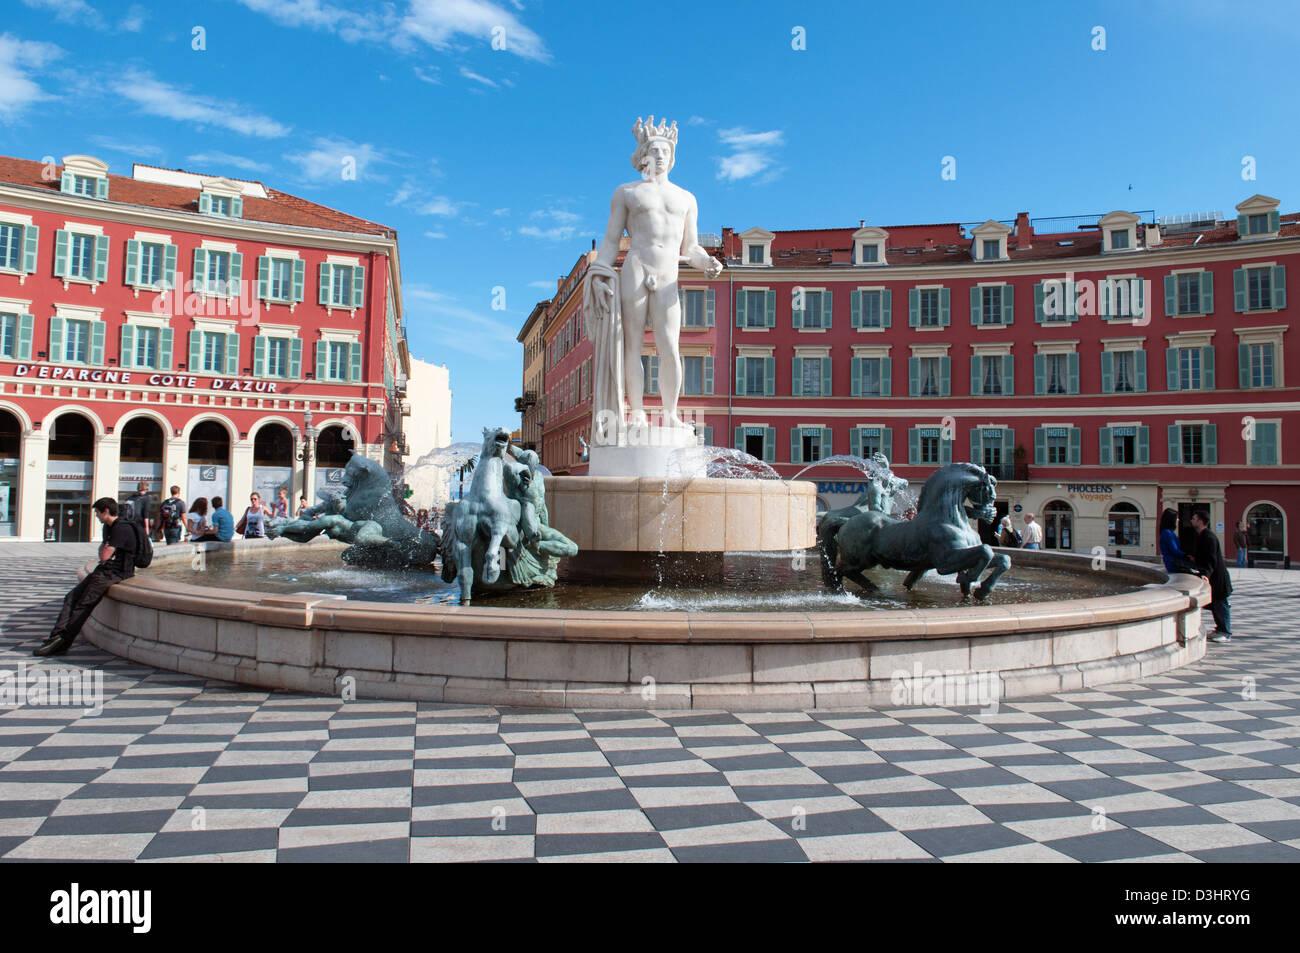 La fontana del sole, piazza Massena, città di Nizza Costa Azzurra Francia Immagini Stock